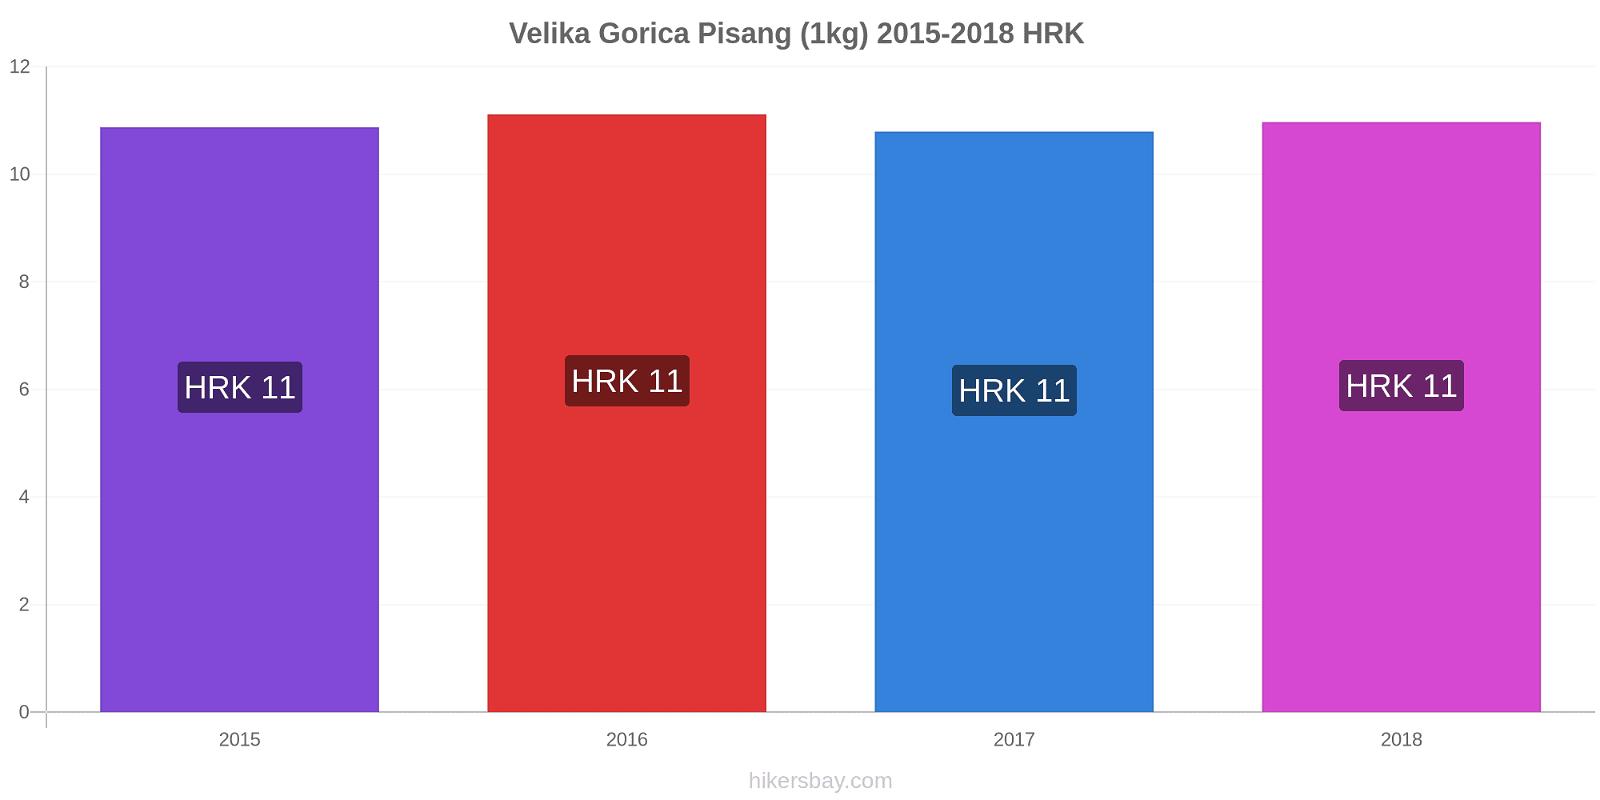 Velika Gorica perubahan harga Pisang (1kg) hikersbay.com